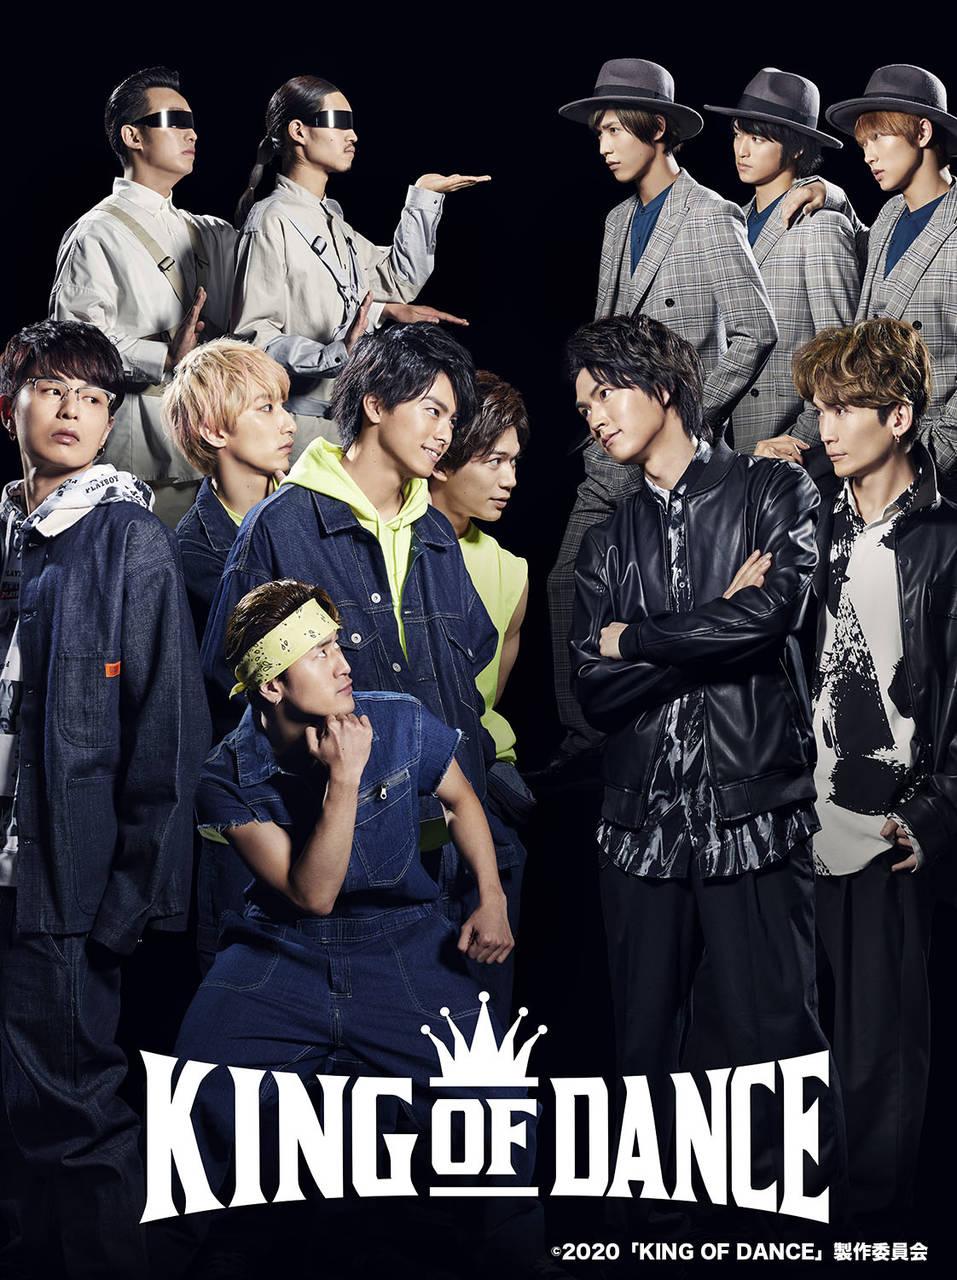 高野洸、和田雅成ら出演『KING OF DANCE』バトル感溢れるメインビジュアルが解禁!